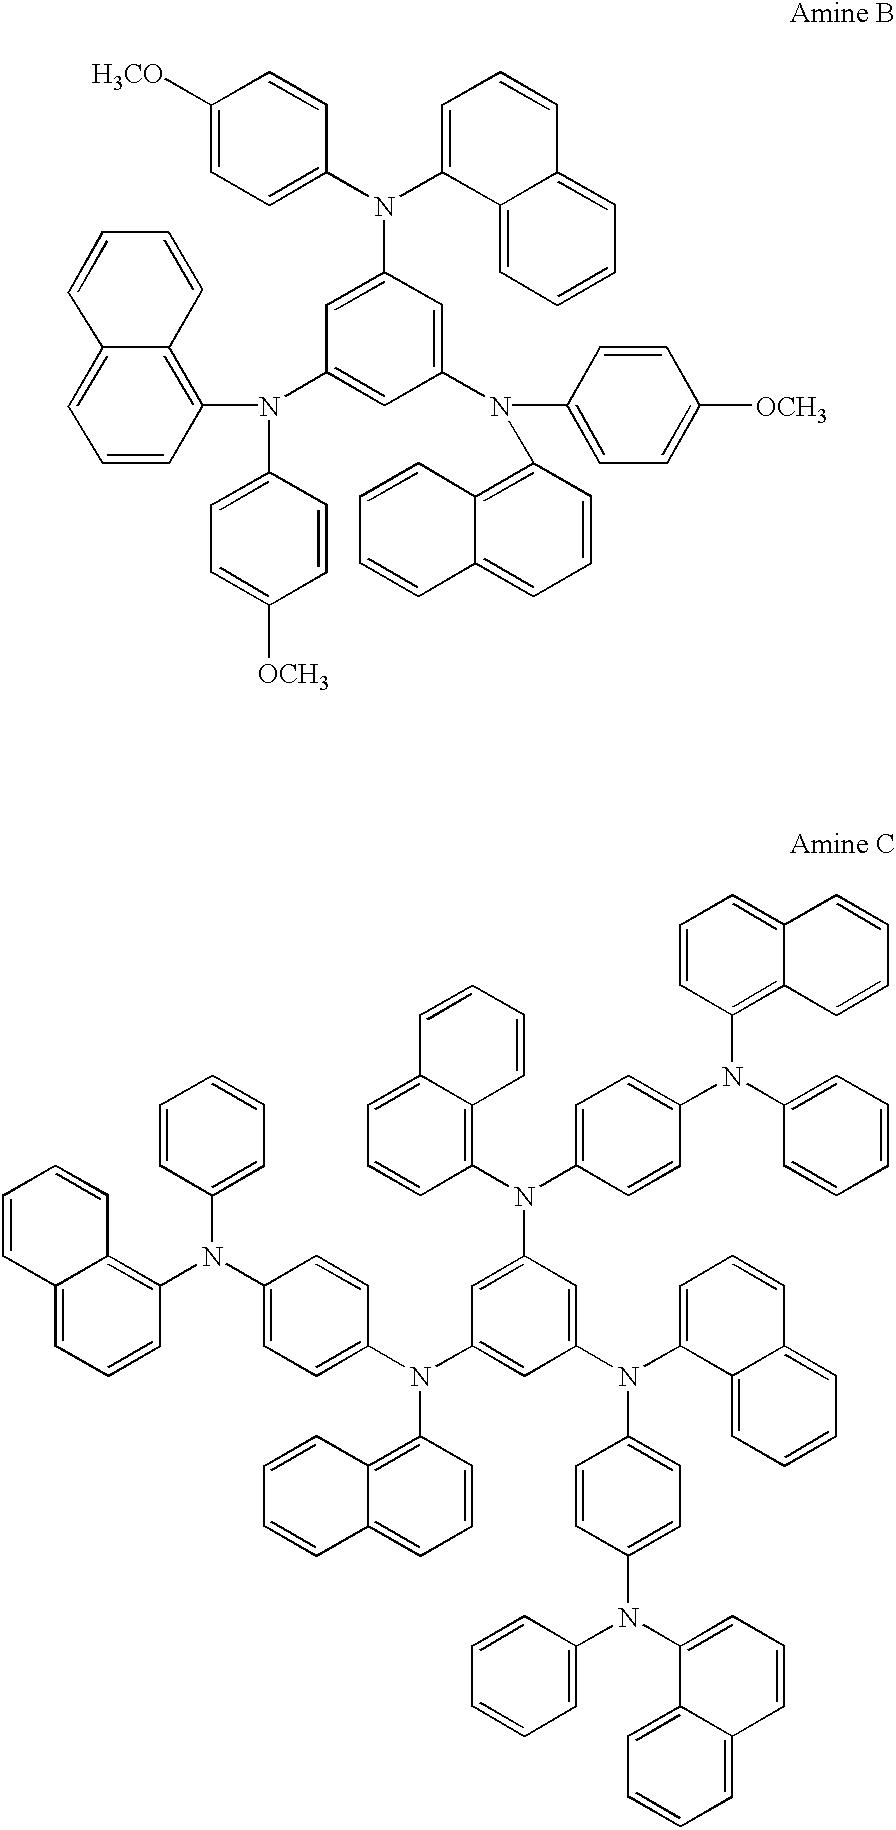 Figure US20020110701A1-20020815-C00012